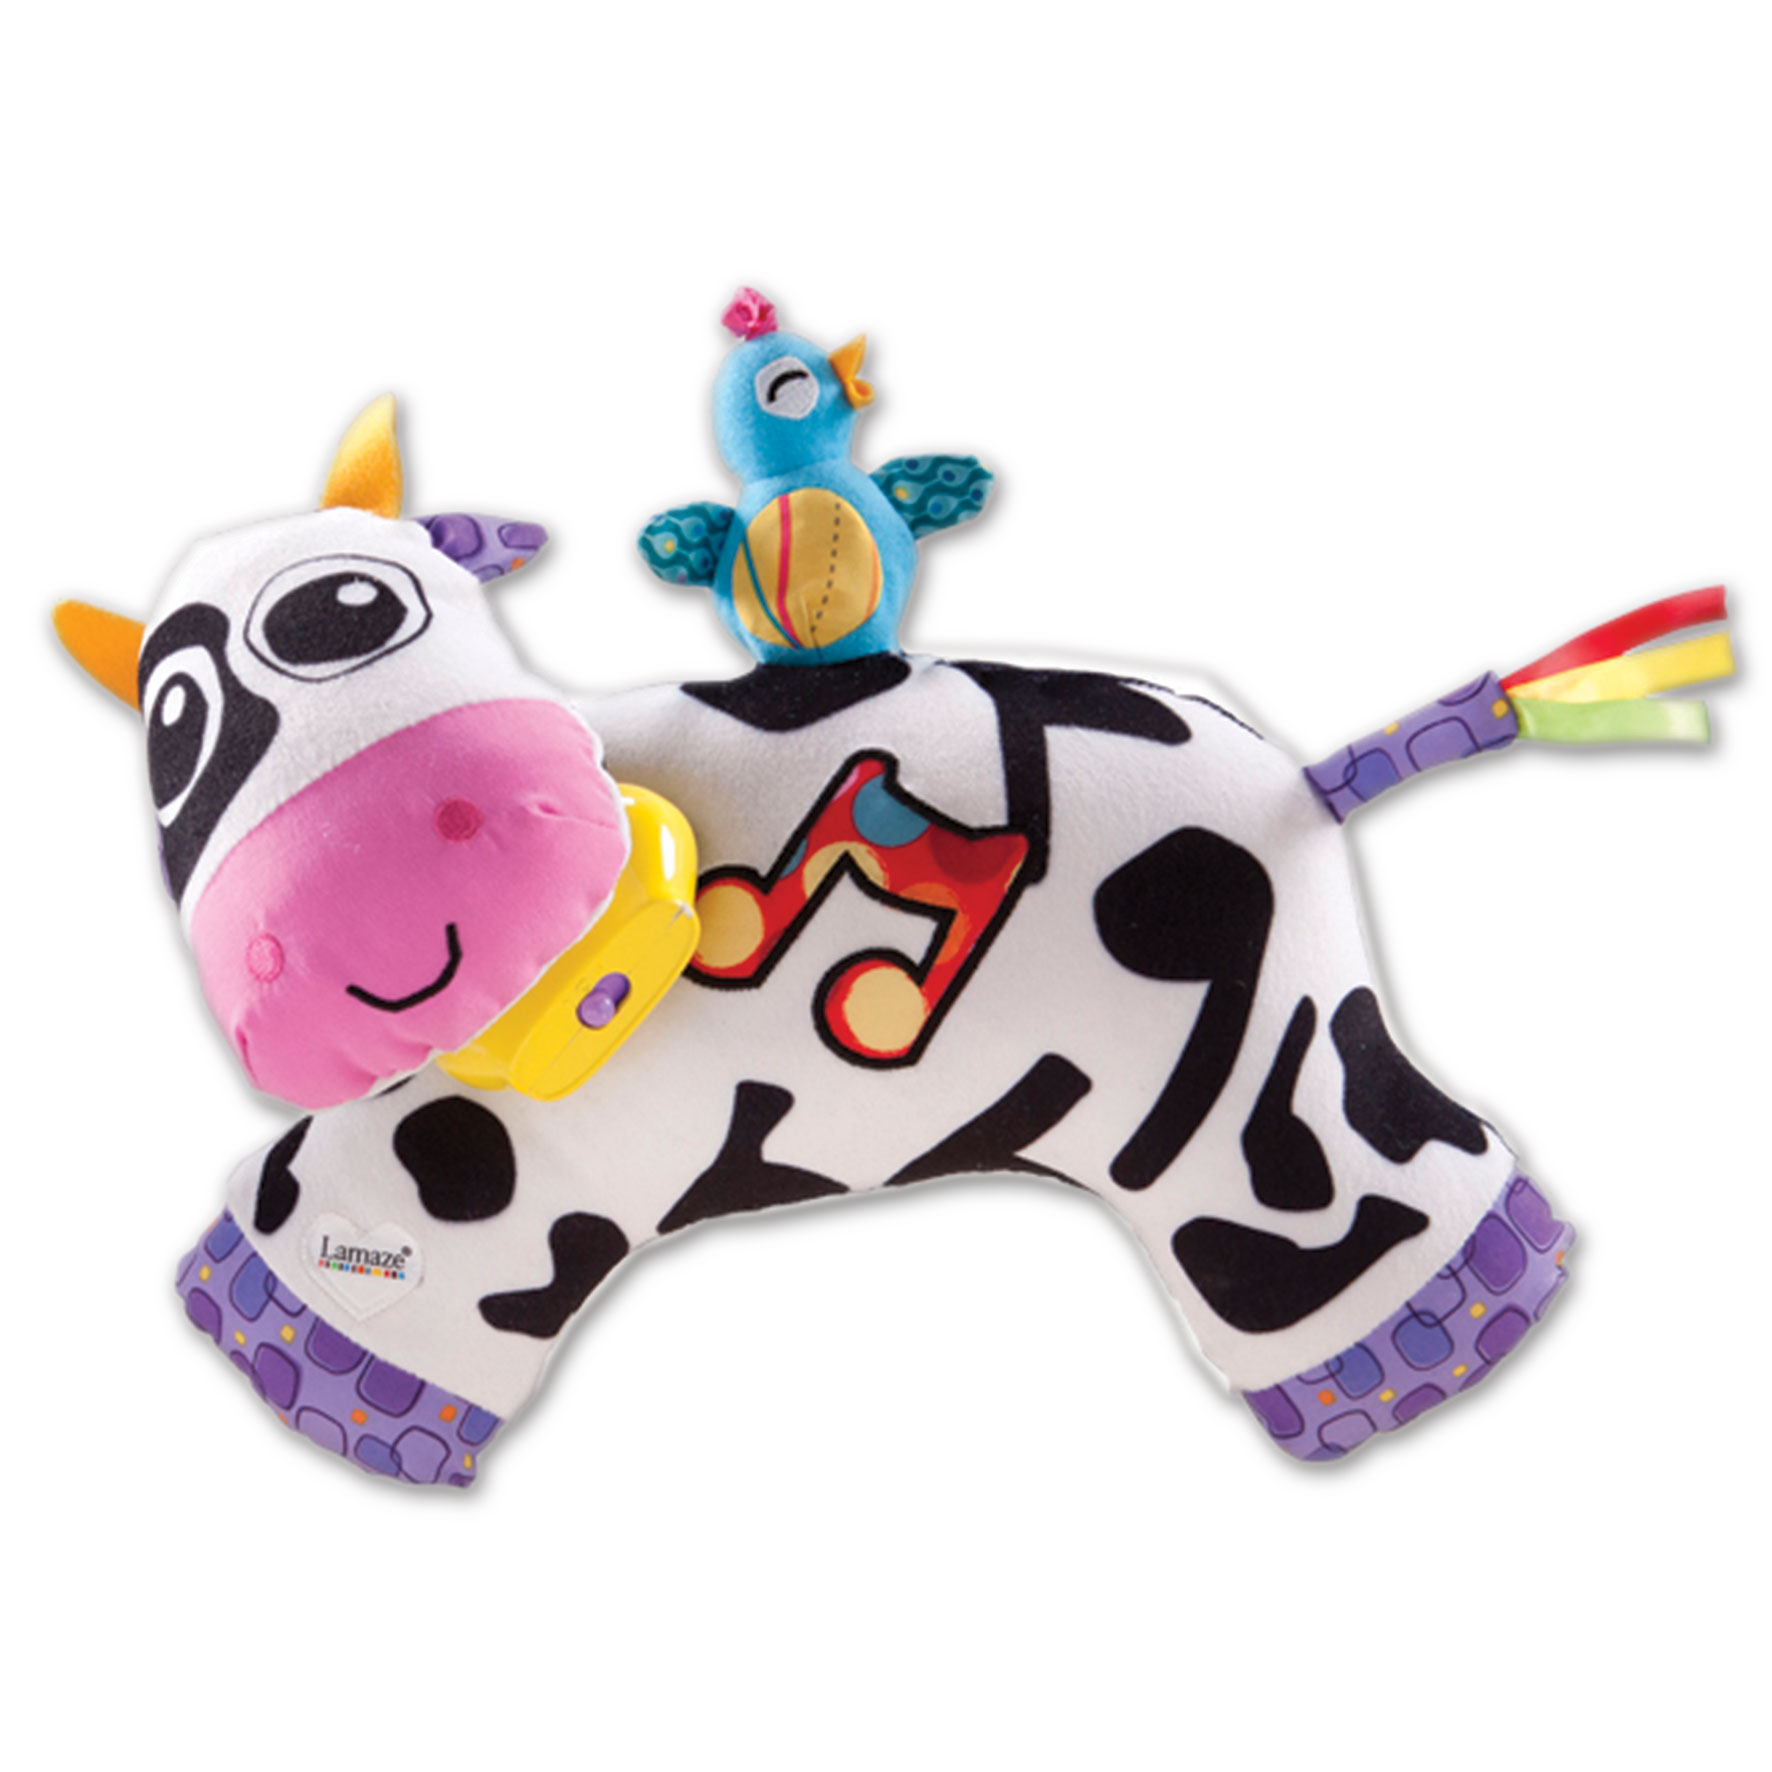 Lamaze Мягкая озвученная игрушка Музыкальная коровка plush apple мягкая озвученная игрушка монстр салли 35 см